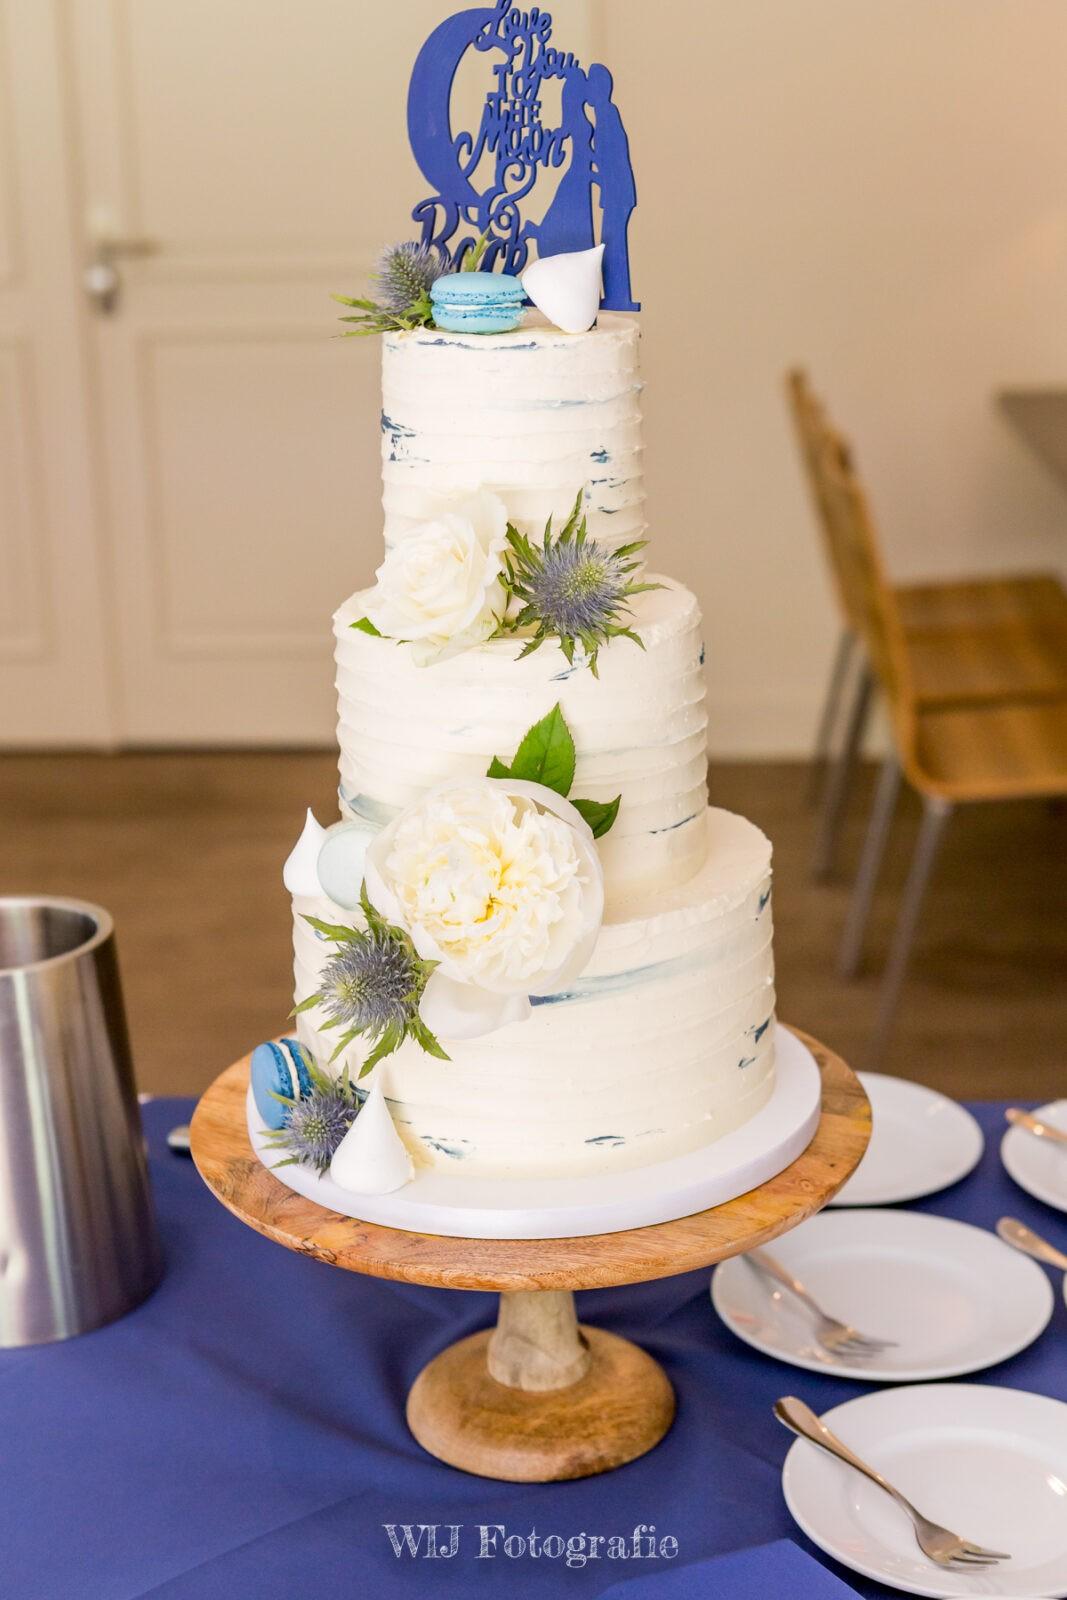 Gebakkerij Cake Design, Amersfoort